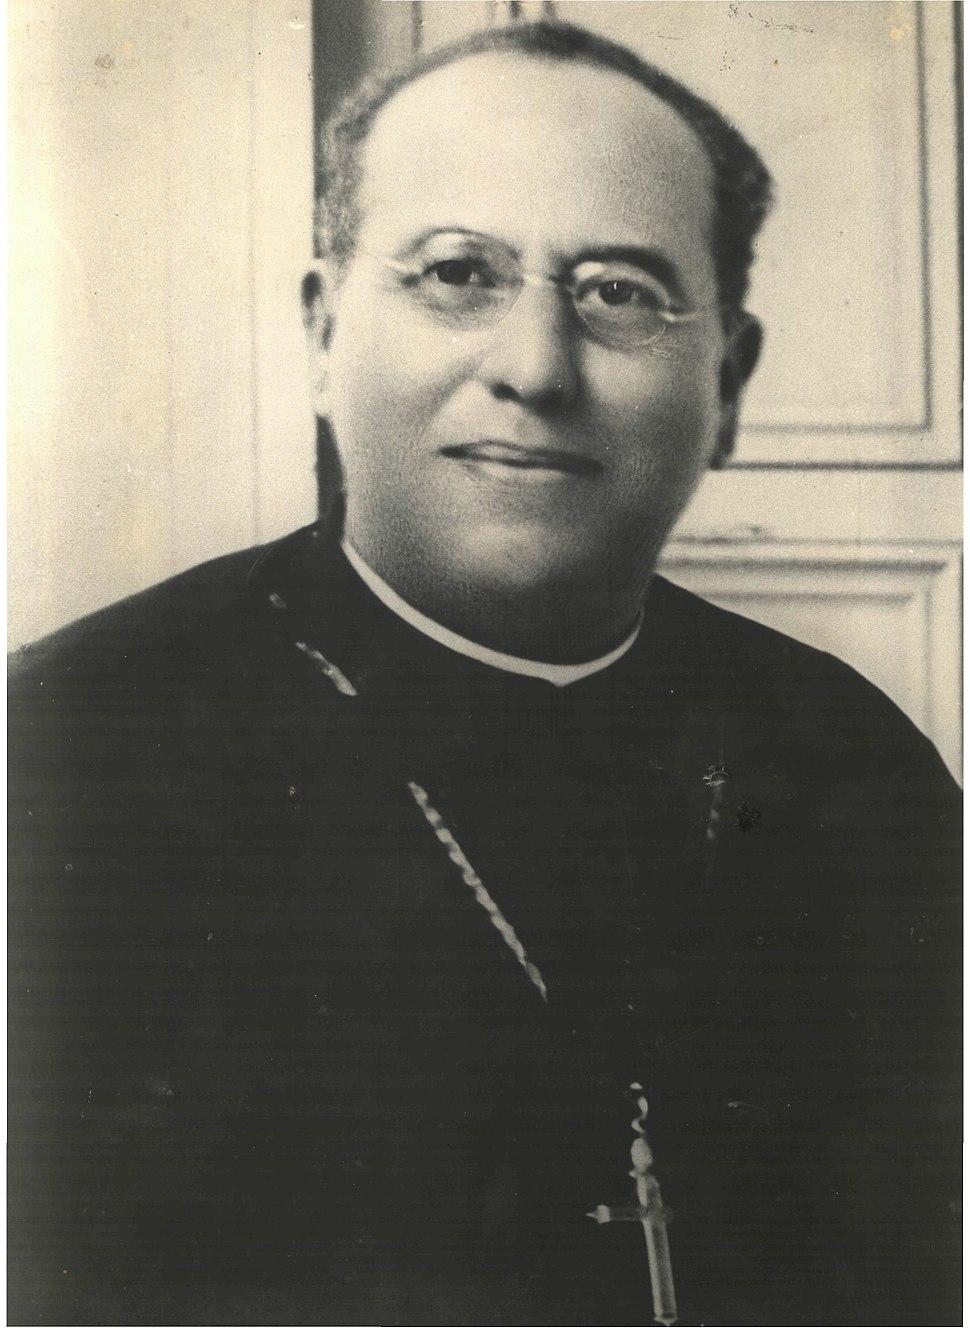 Mgr Joseph De Piro